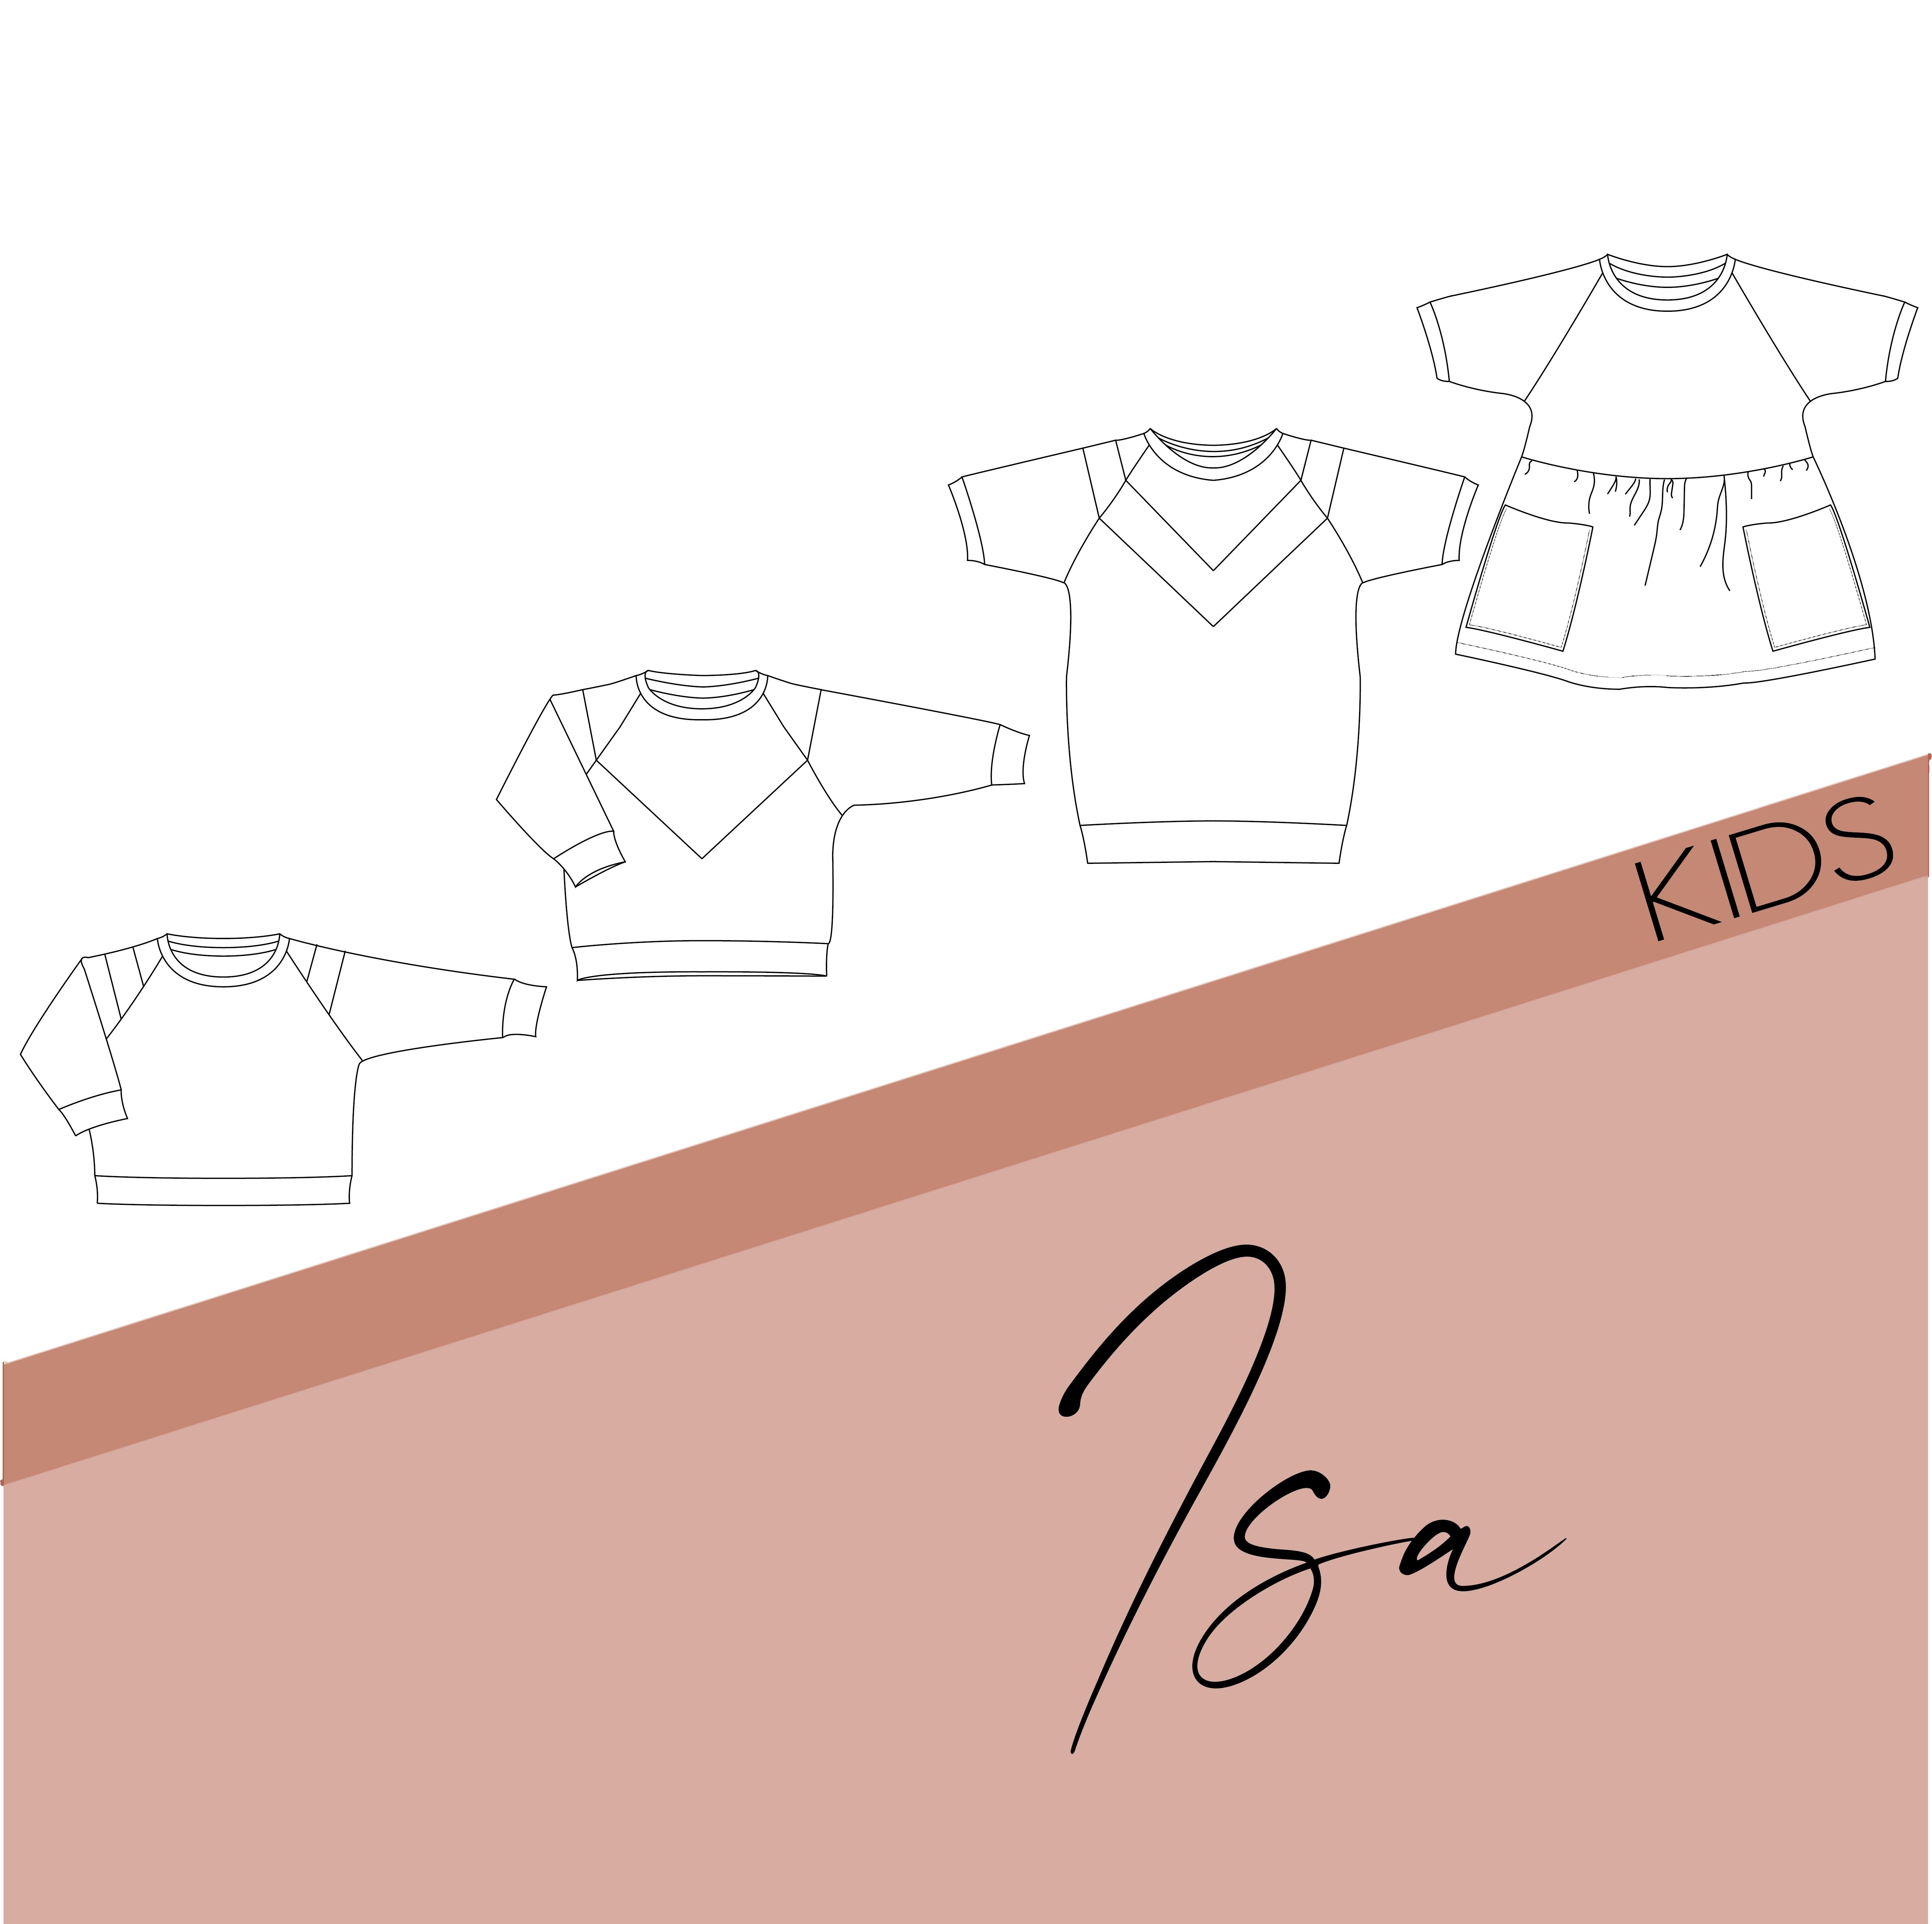 Isa - kids